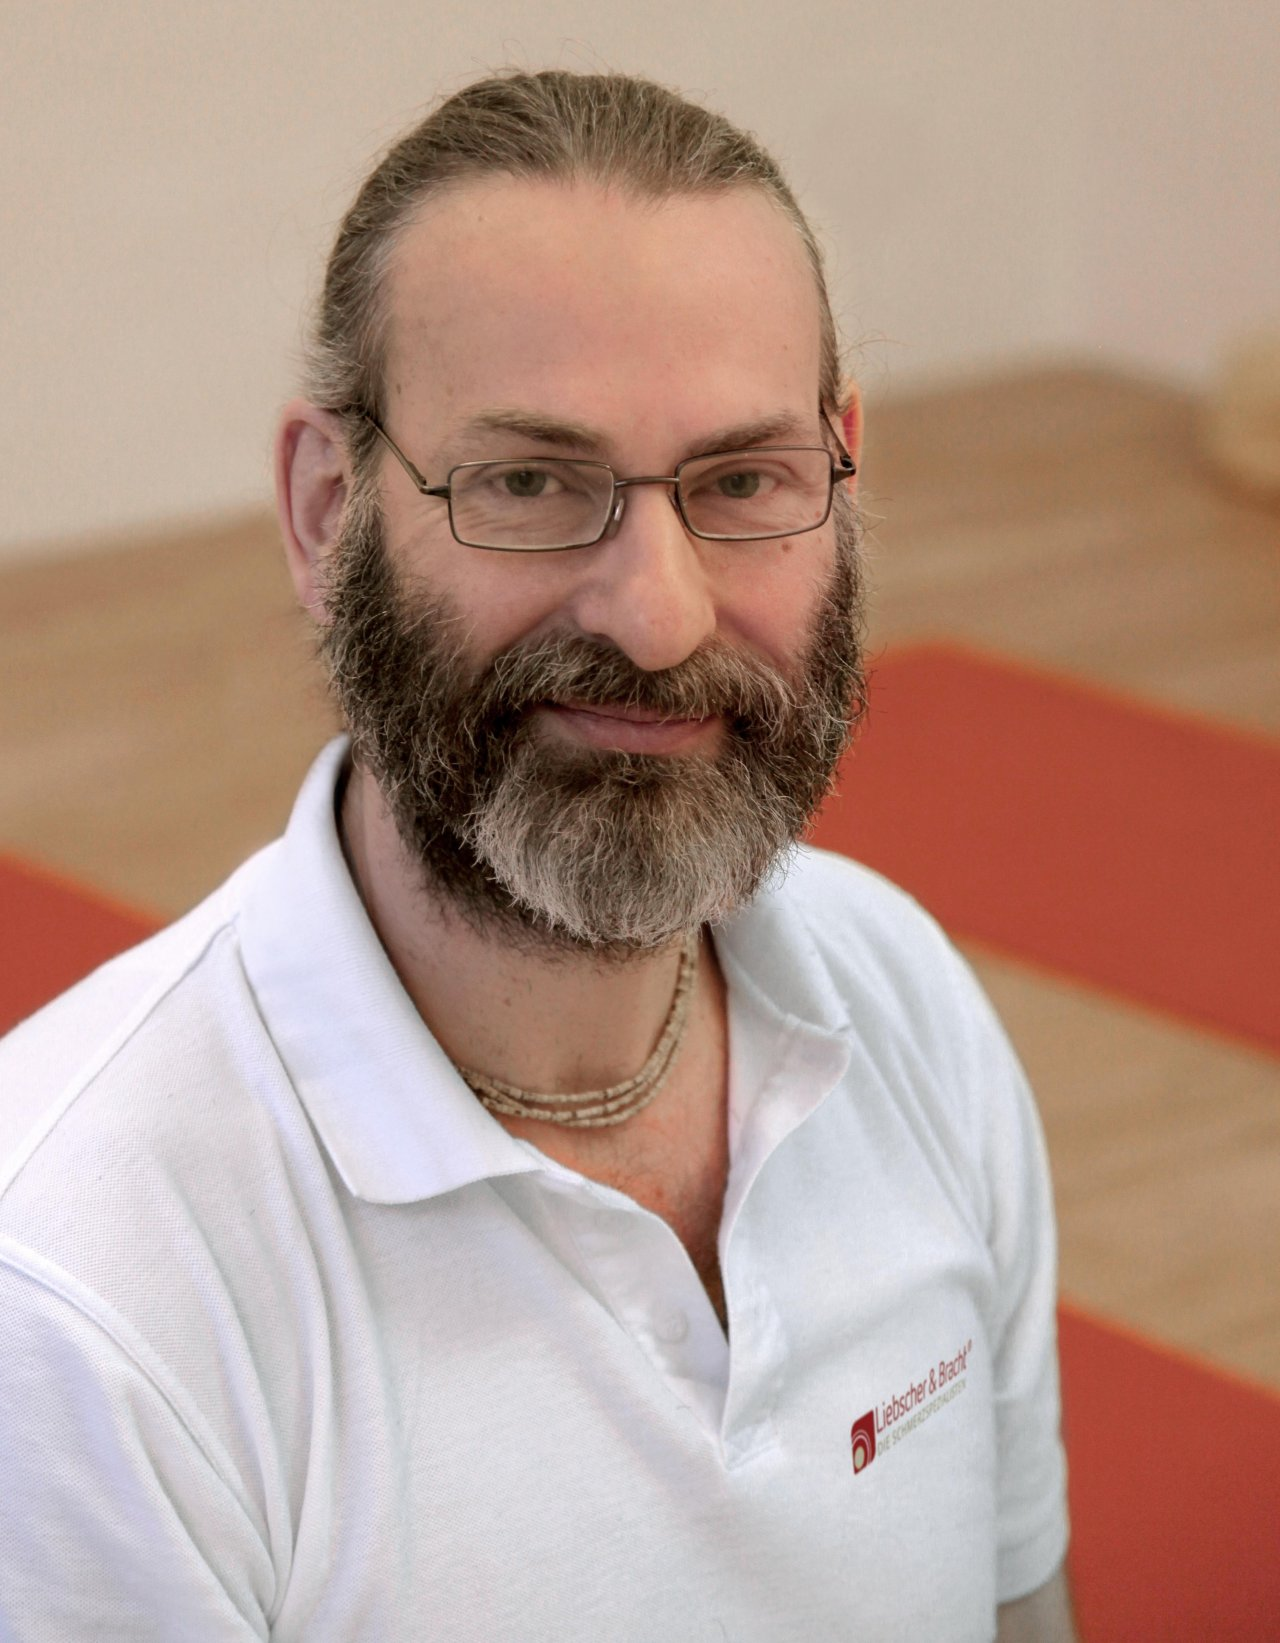 Ingo Mende aus Berlin schaut schräg nach oben in die Kamera. Er hat lange schwarz graue Haare, die er als Zopf trägt und einen dicken Vollbart. Er trägt eine eckige Brille und eine hellbraune Brille sowie ein weißes Liebscher & Bracht Polo T-Shirt.